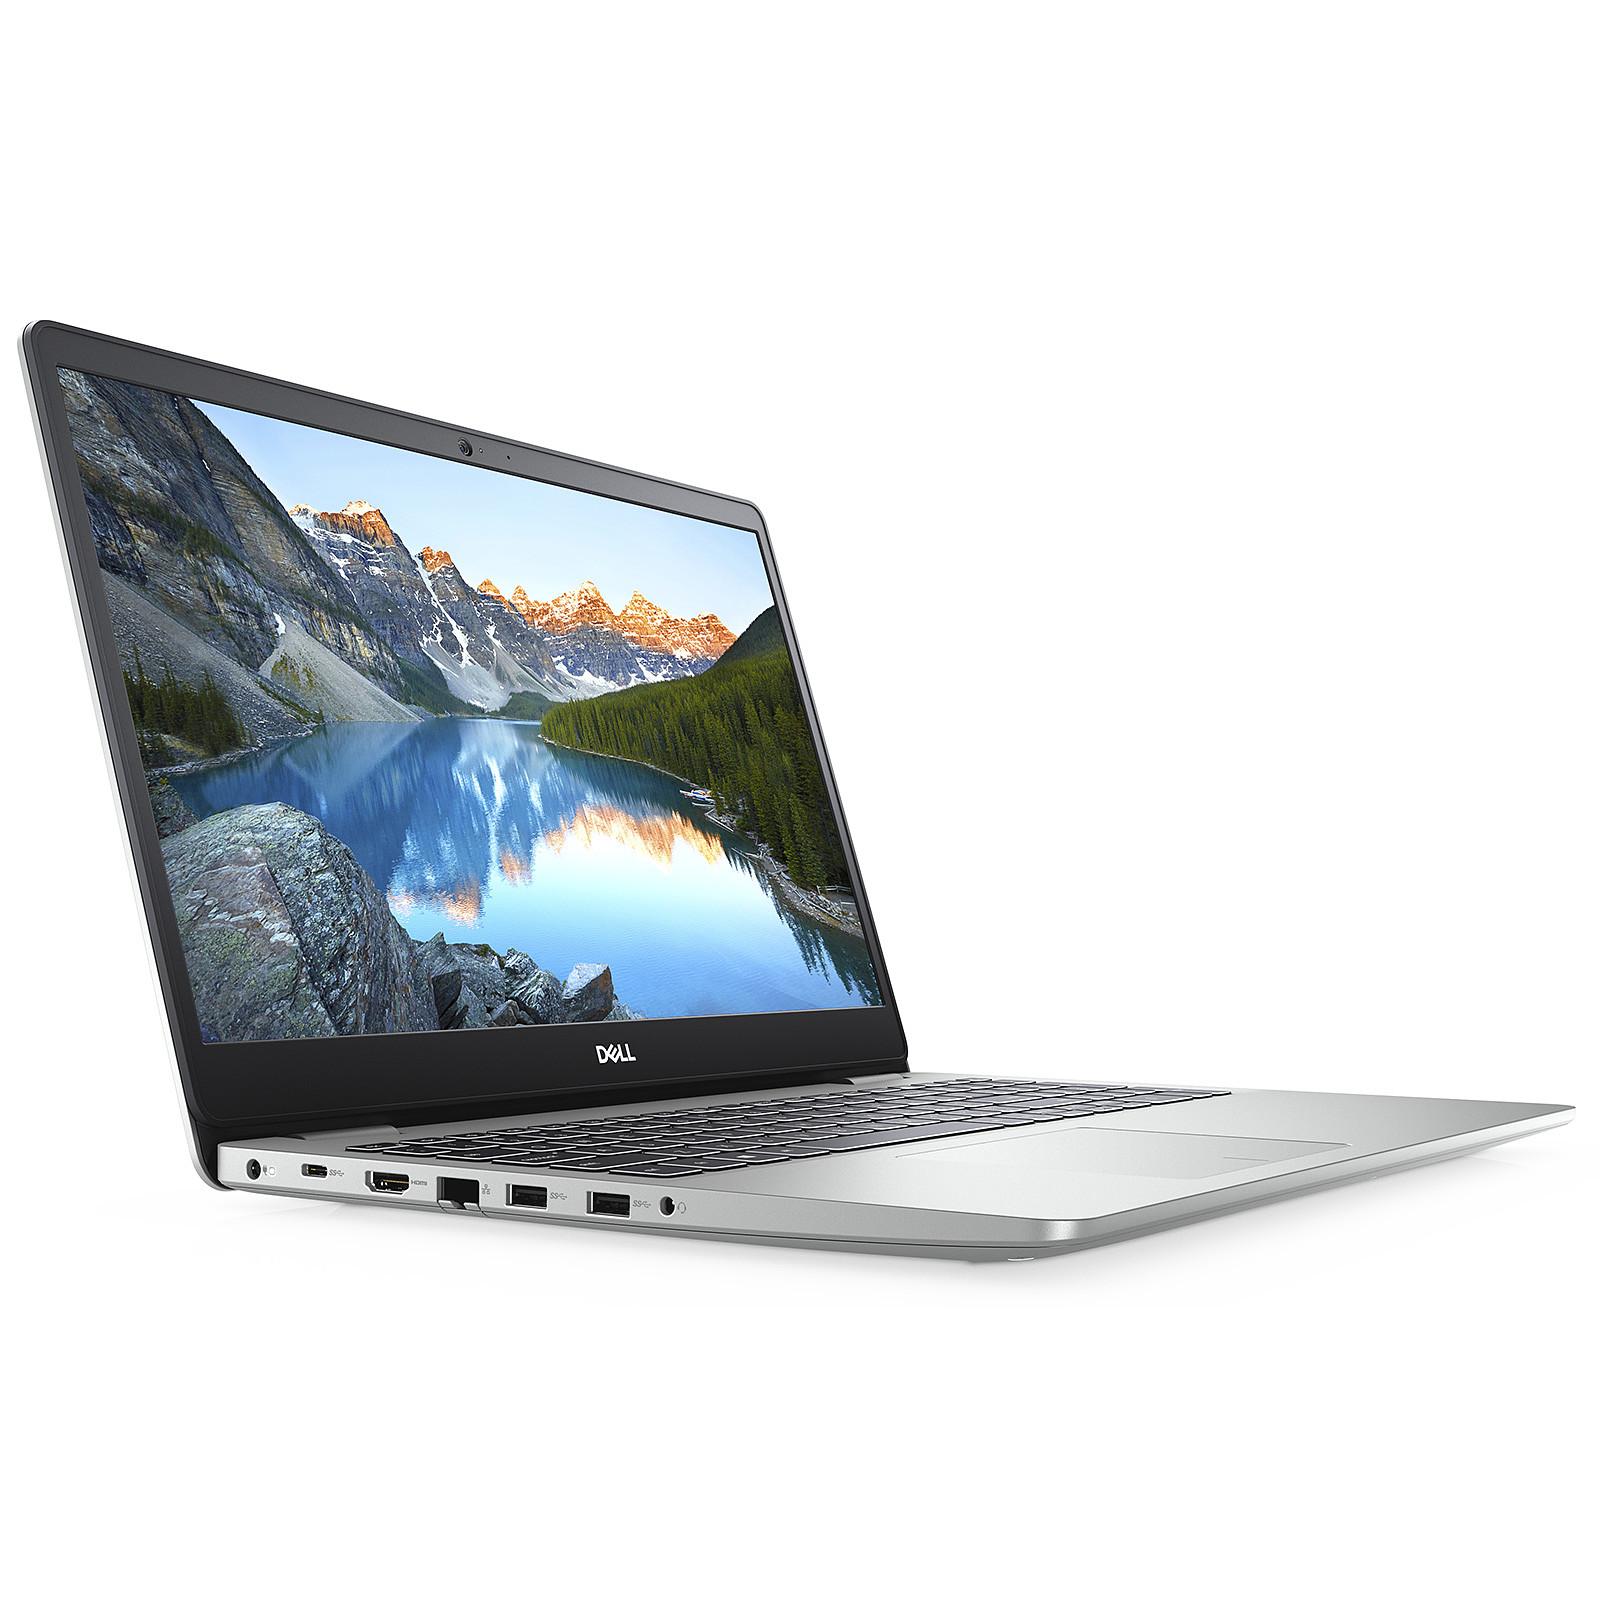 Dell Inspiron 15 5593 (KXT7R)